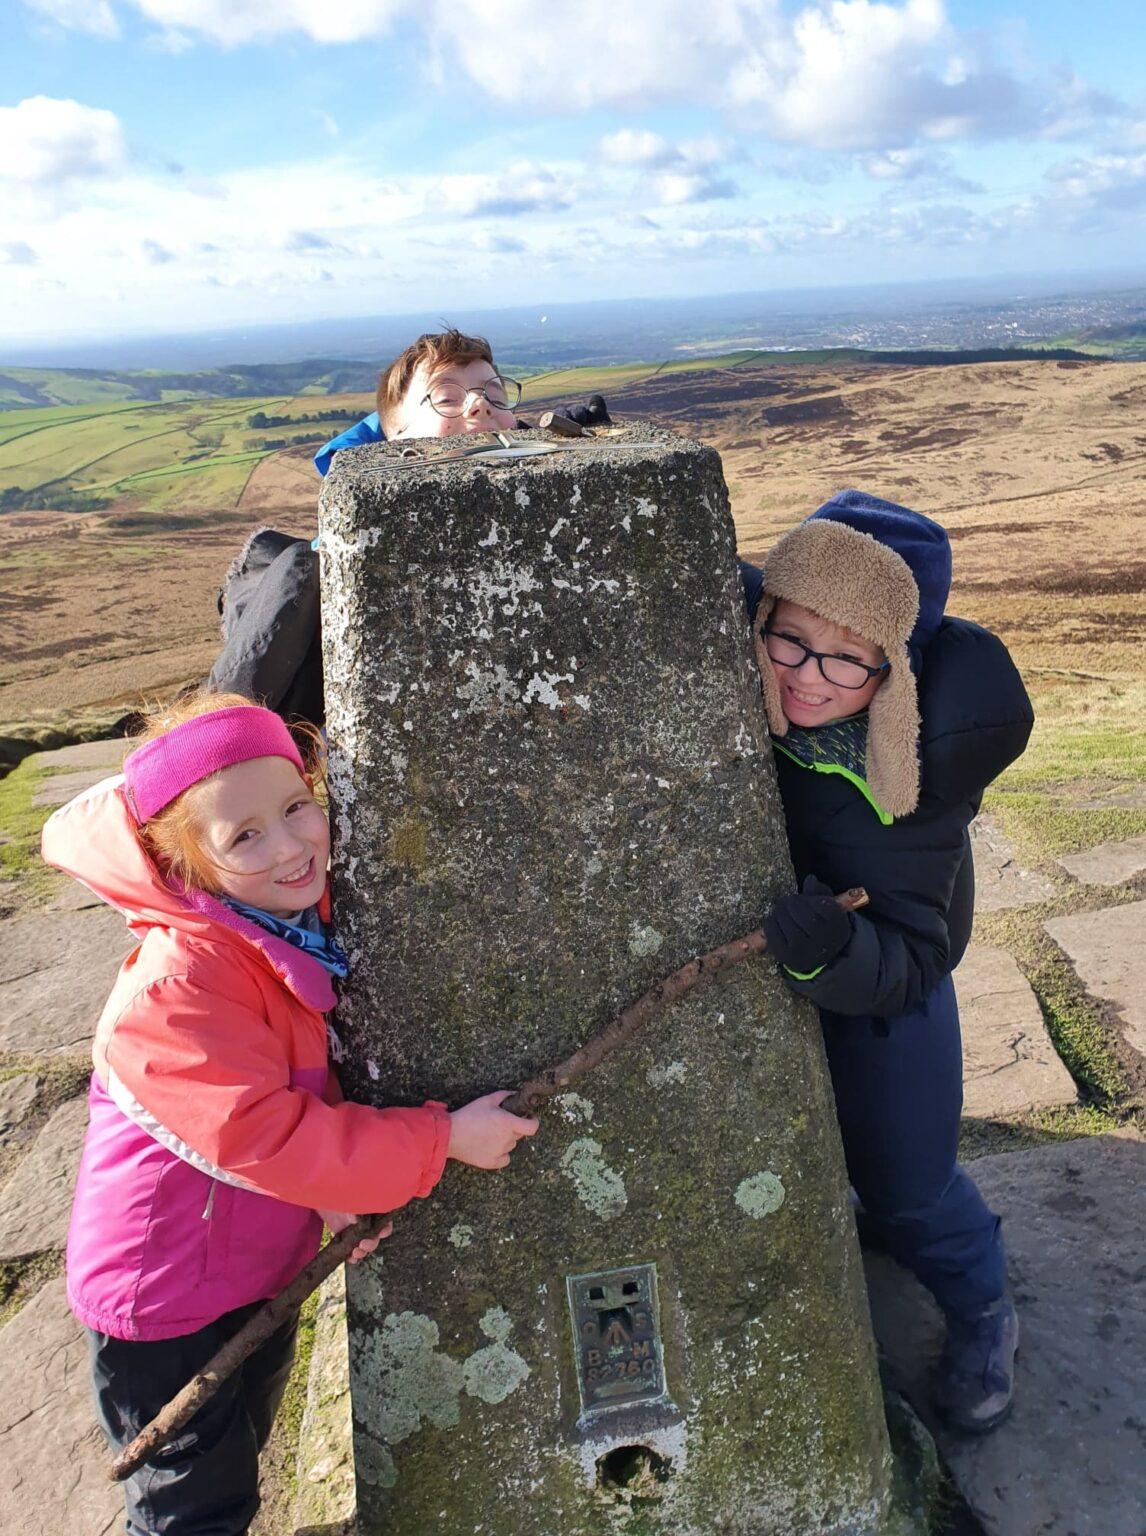 peak district family walk, easy walks for kids peak district, cheshire family walk